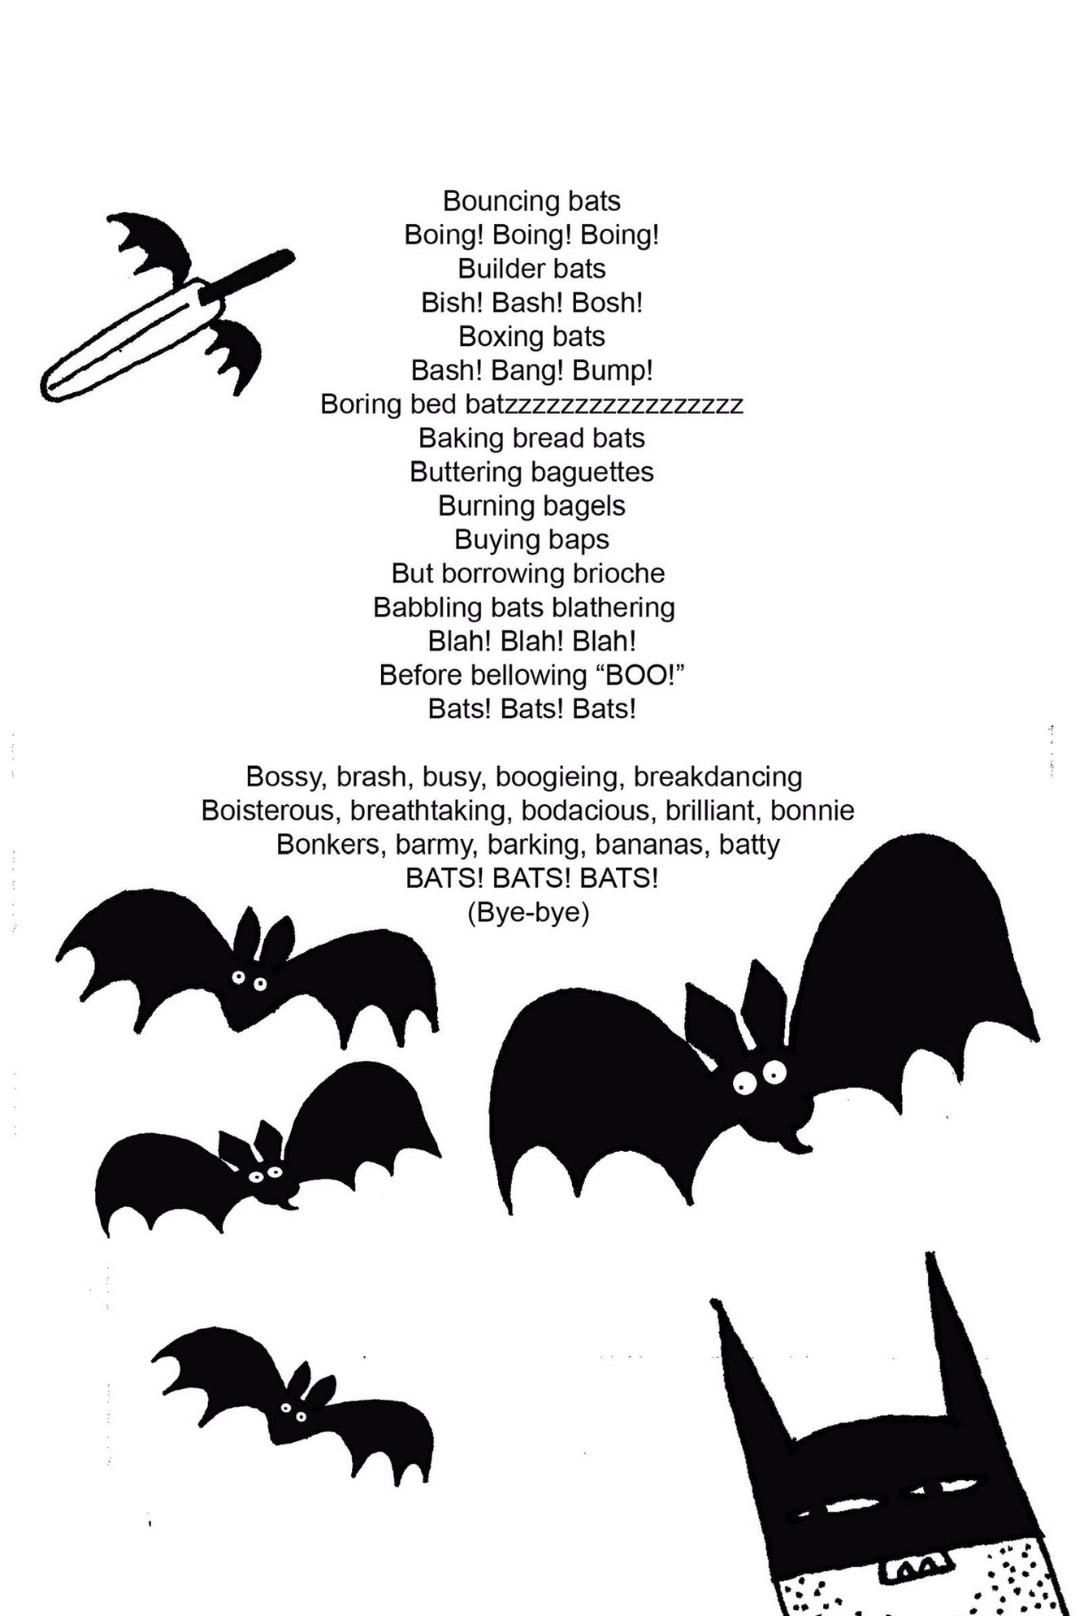 Bats 2 by Neal Zetter